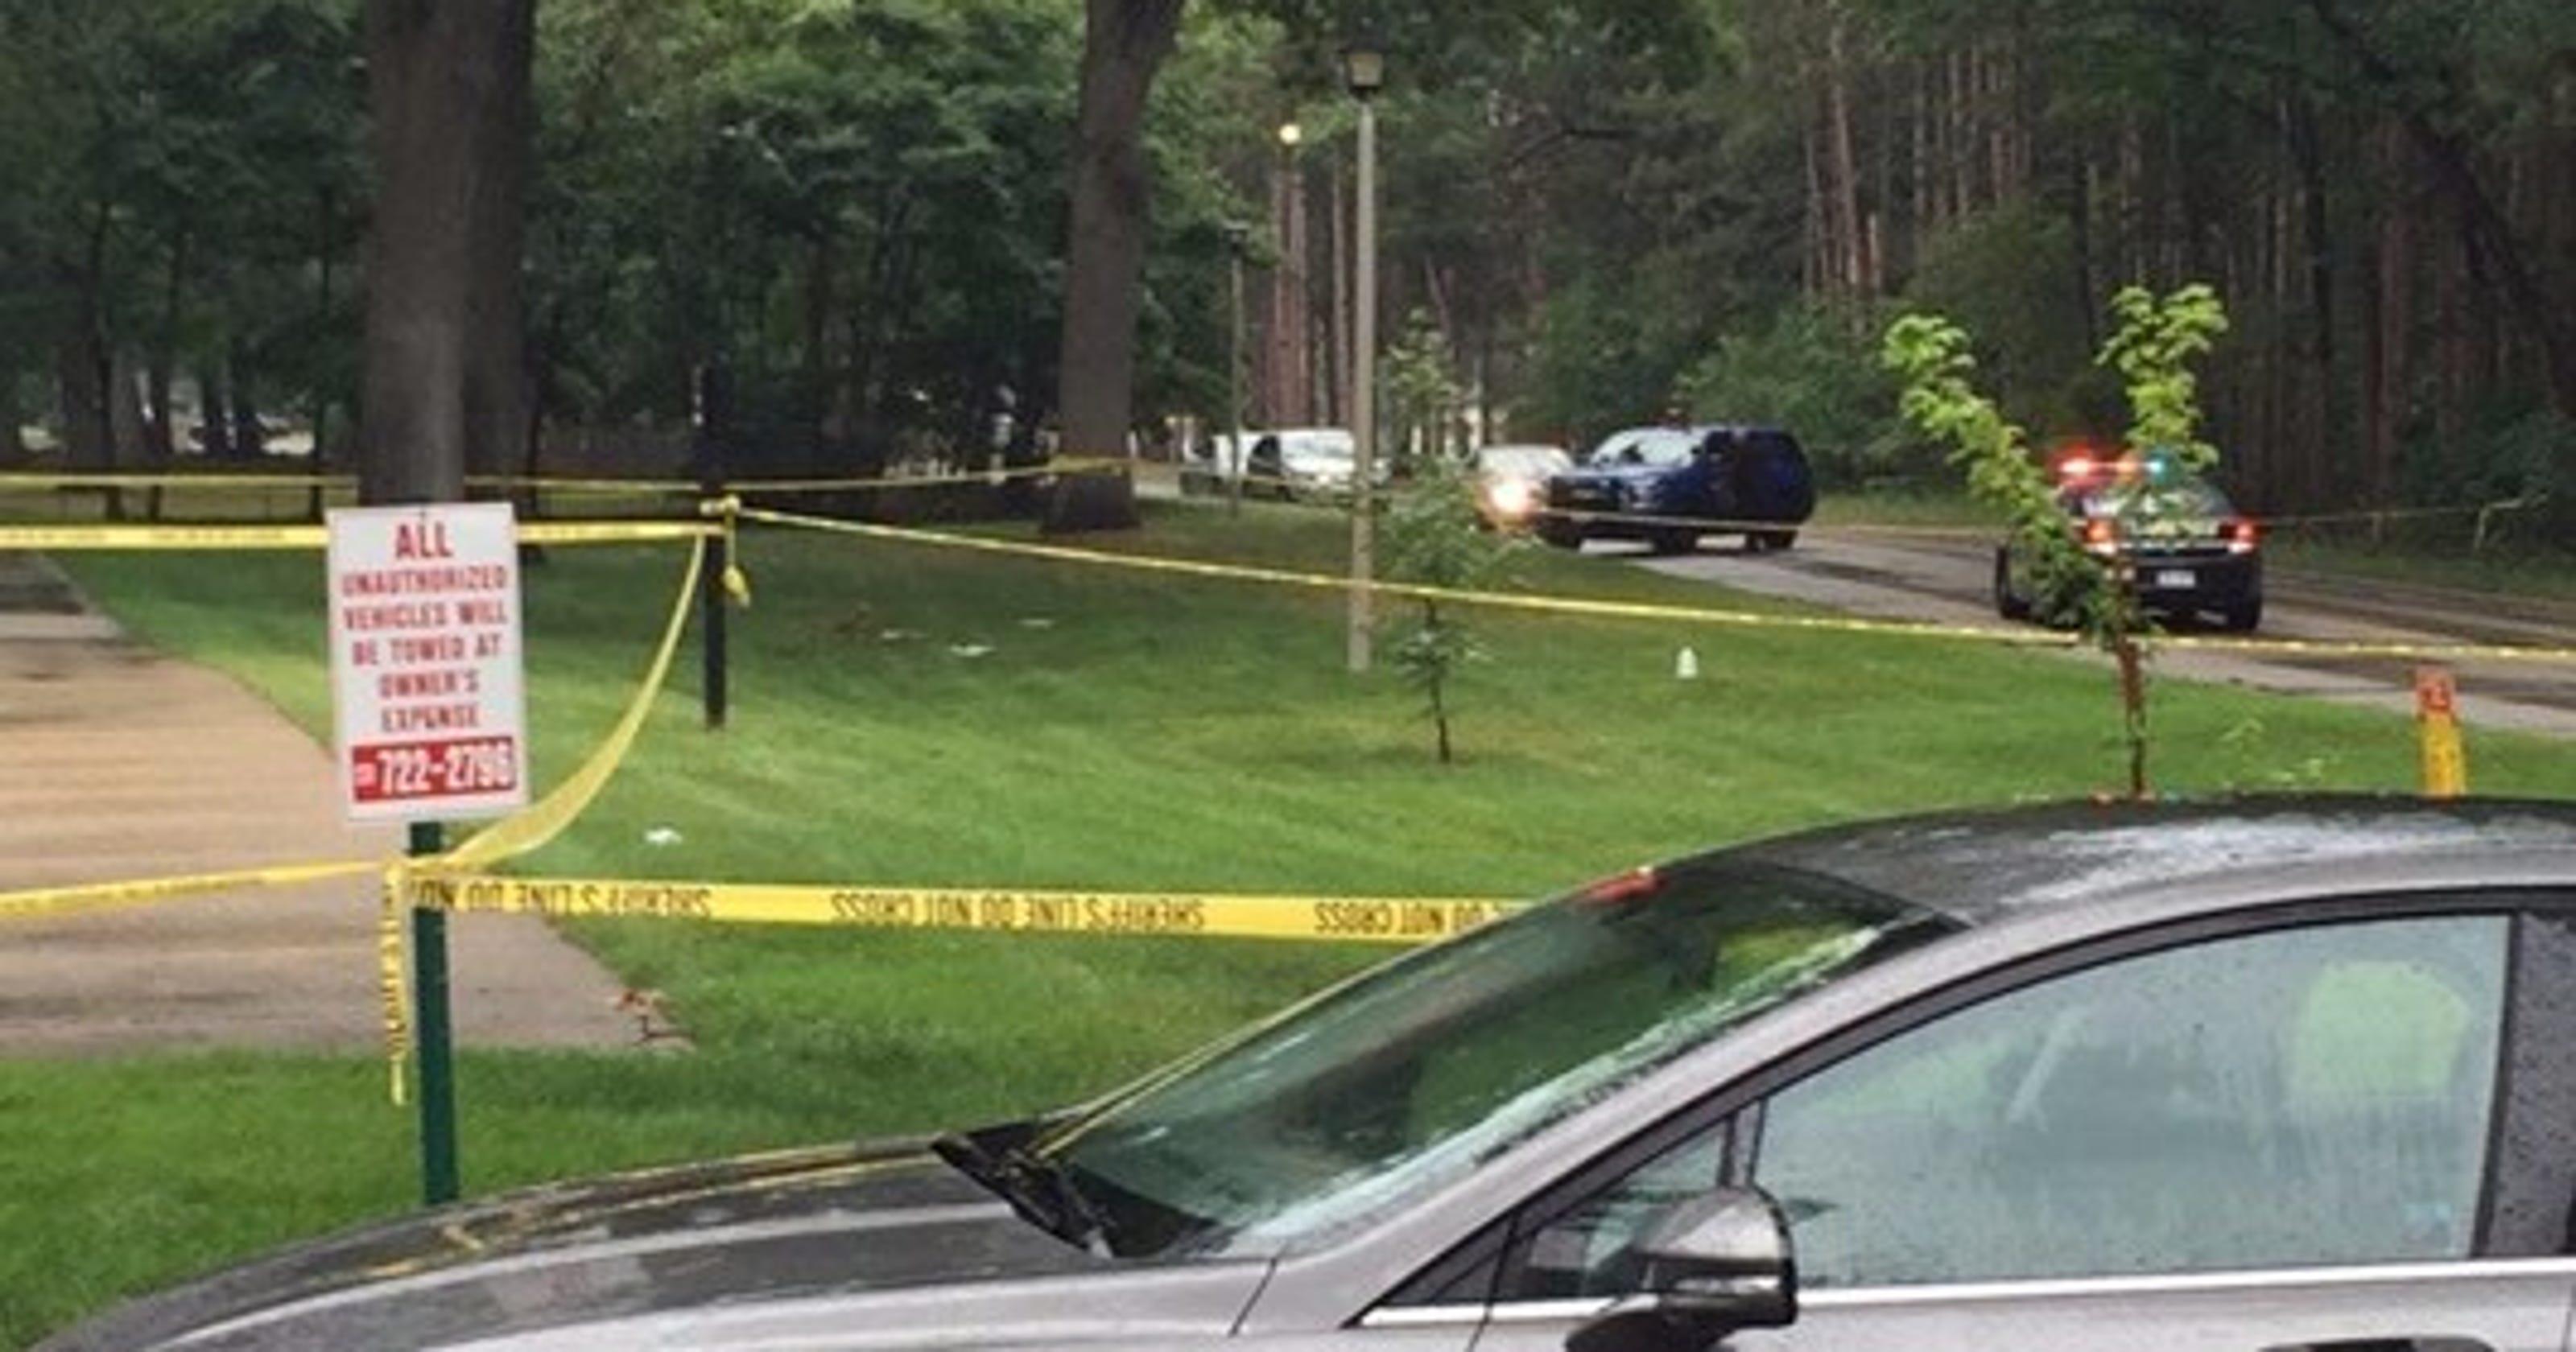 Muskegon Officer shoots knife-wielding girl in leg